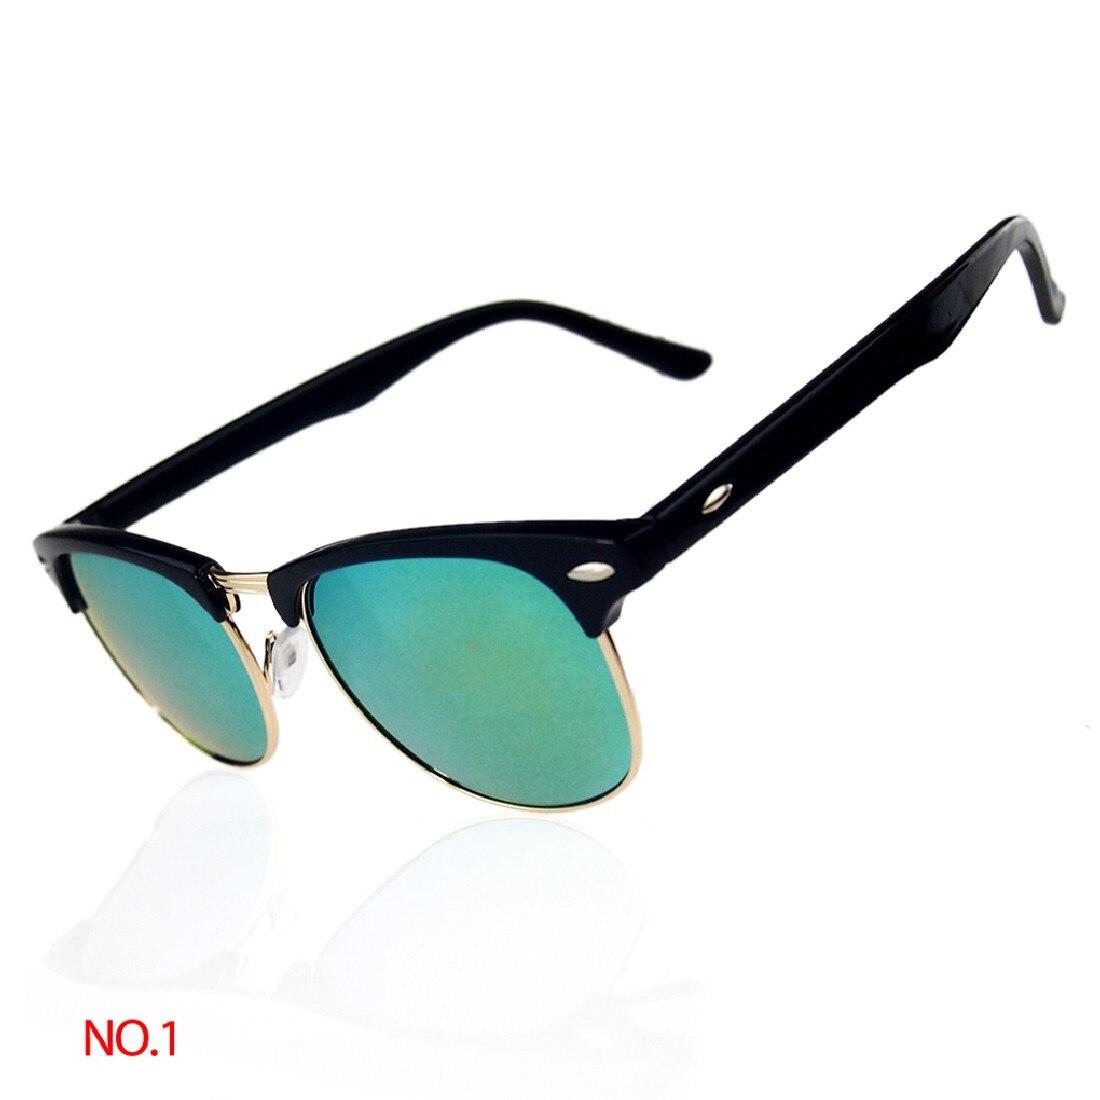 blue Style Di Eye occhiali Retro red Classic Indossare Da Sole Hipster green Gold Viaggio orange white Vintage Inseguimento Occhiali U7qxd0wfnx